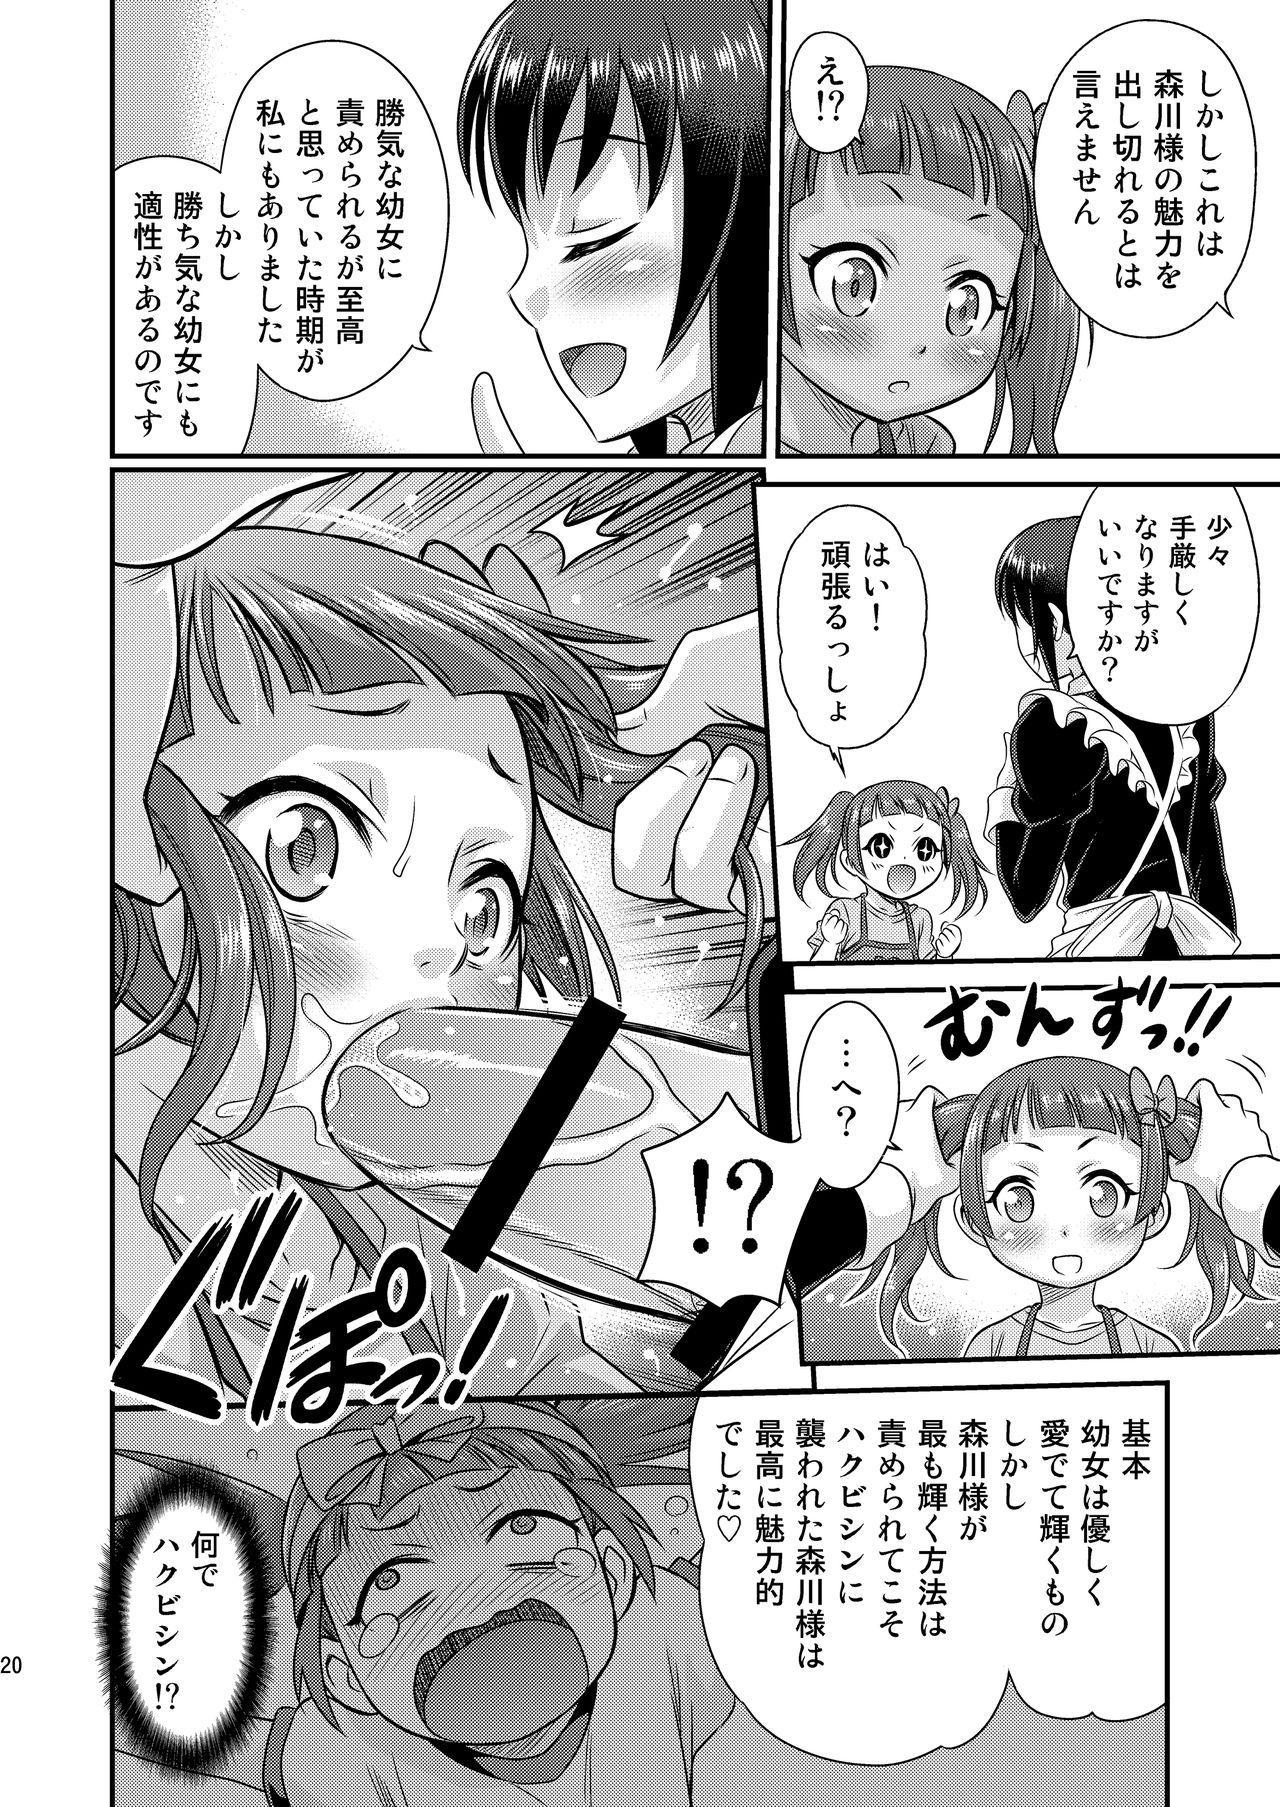 Saotsuki Maid ni Moteasobarete Imasu! 19